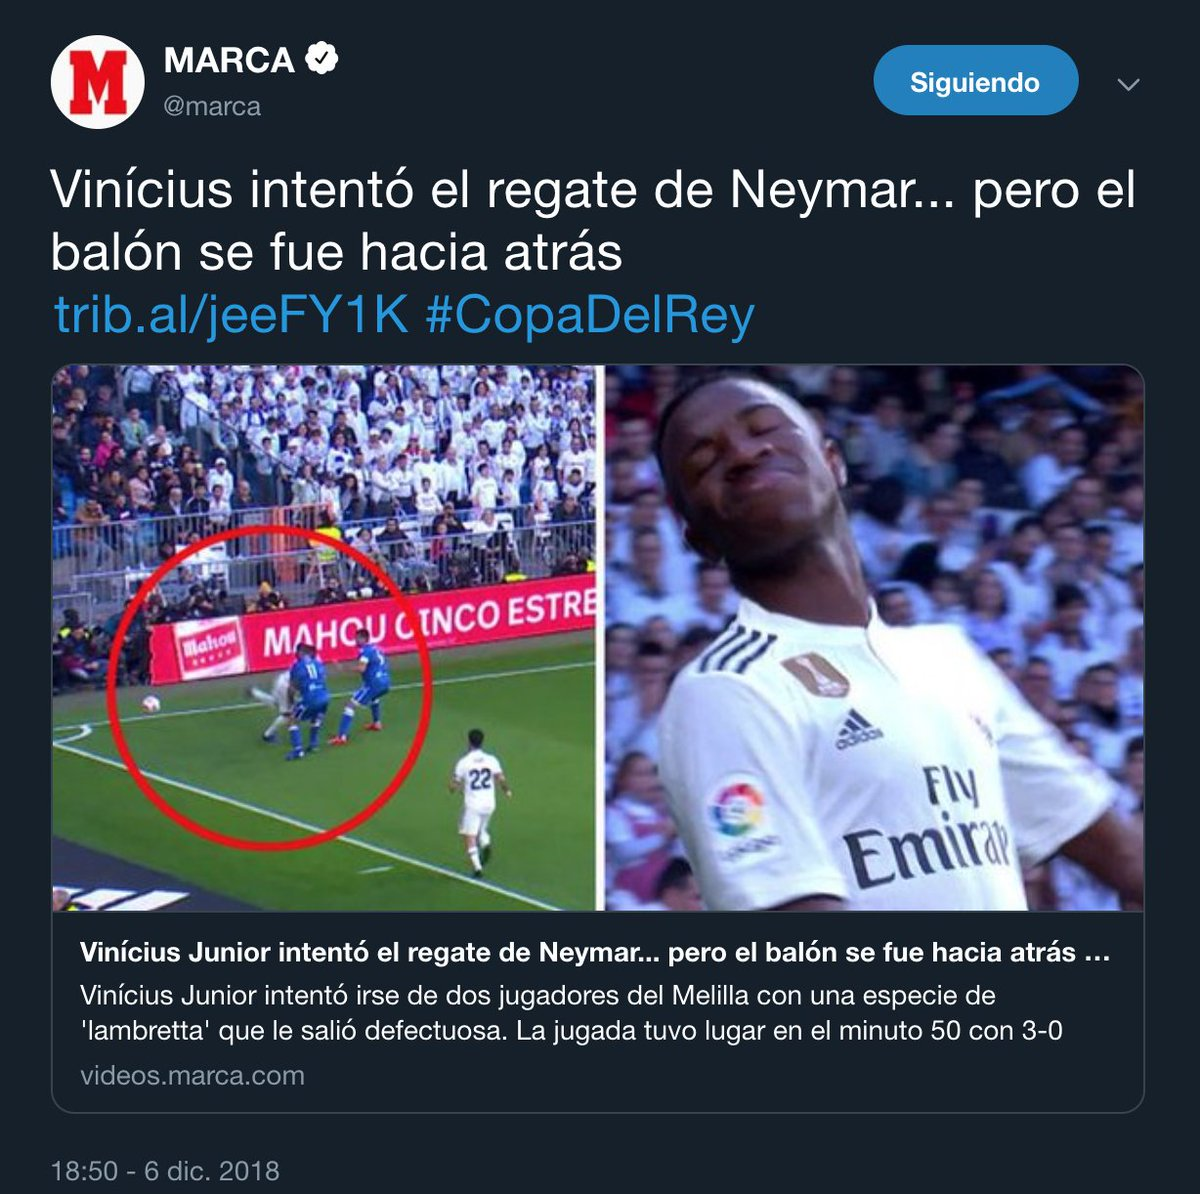 RT @Llourinho: Cuando lo hace Vinicius contra el Melilla no es provocación. https://t.co/M2TQHUrmPt